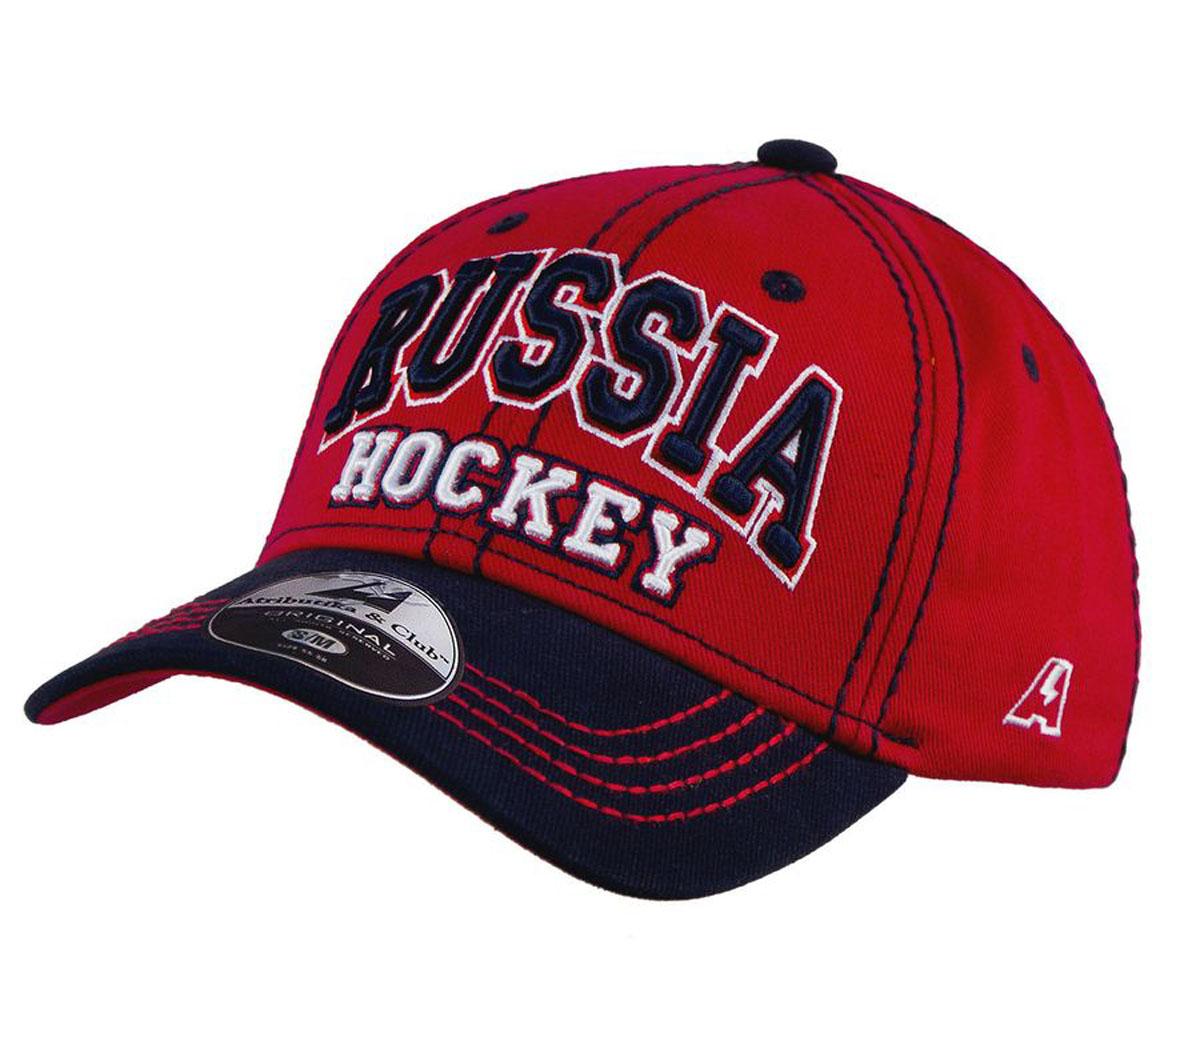 Бейсболка с логотипом101534Бейсболка Россия выполнена из высококачественного материала. Модель дополнена широким твердым козырьком и оформлена объемной вышивкой. Бейсболка имеет перфорацию, обеспечивающую необходимую вентиляцию. Объем изделия регулируется металлическим фиксатором с гравировкой логотипа.